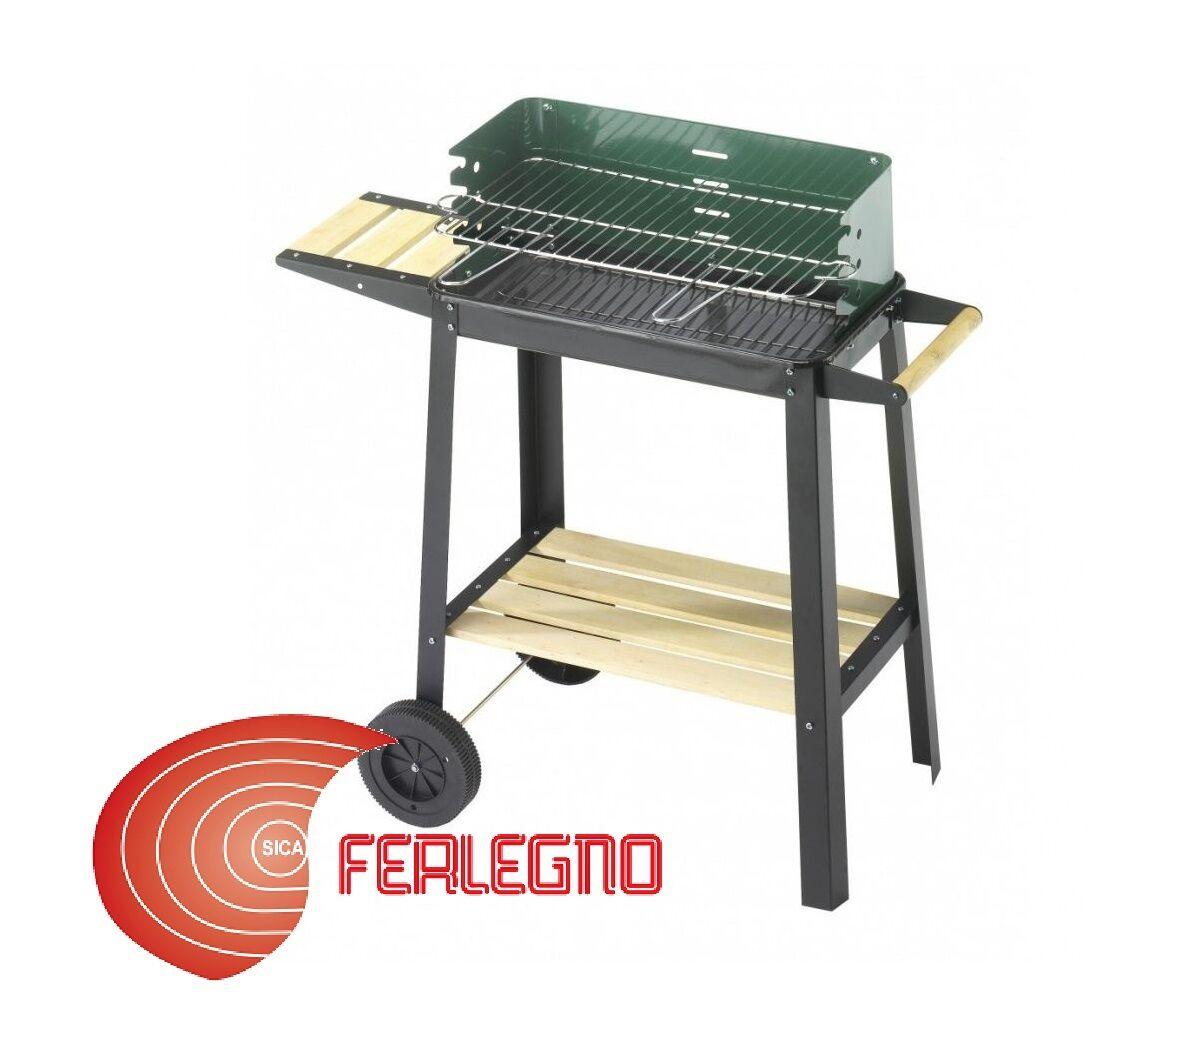 BARBECUE BBQ A CARBONE IN ACCIAIO ARREDO GIARDINO MOD. 50-25 verde W ART.92549